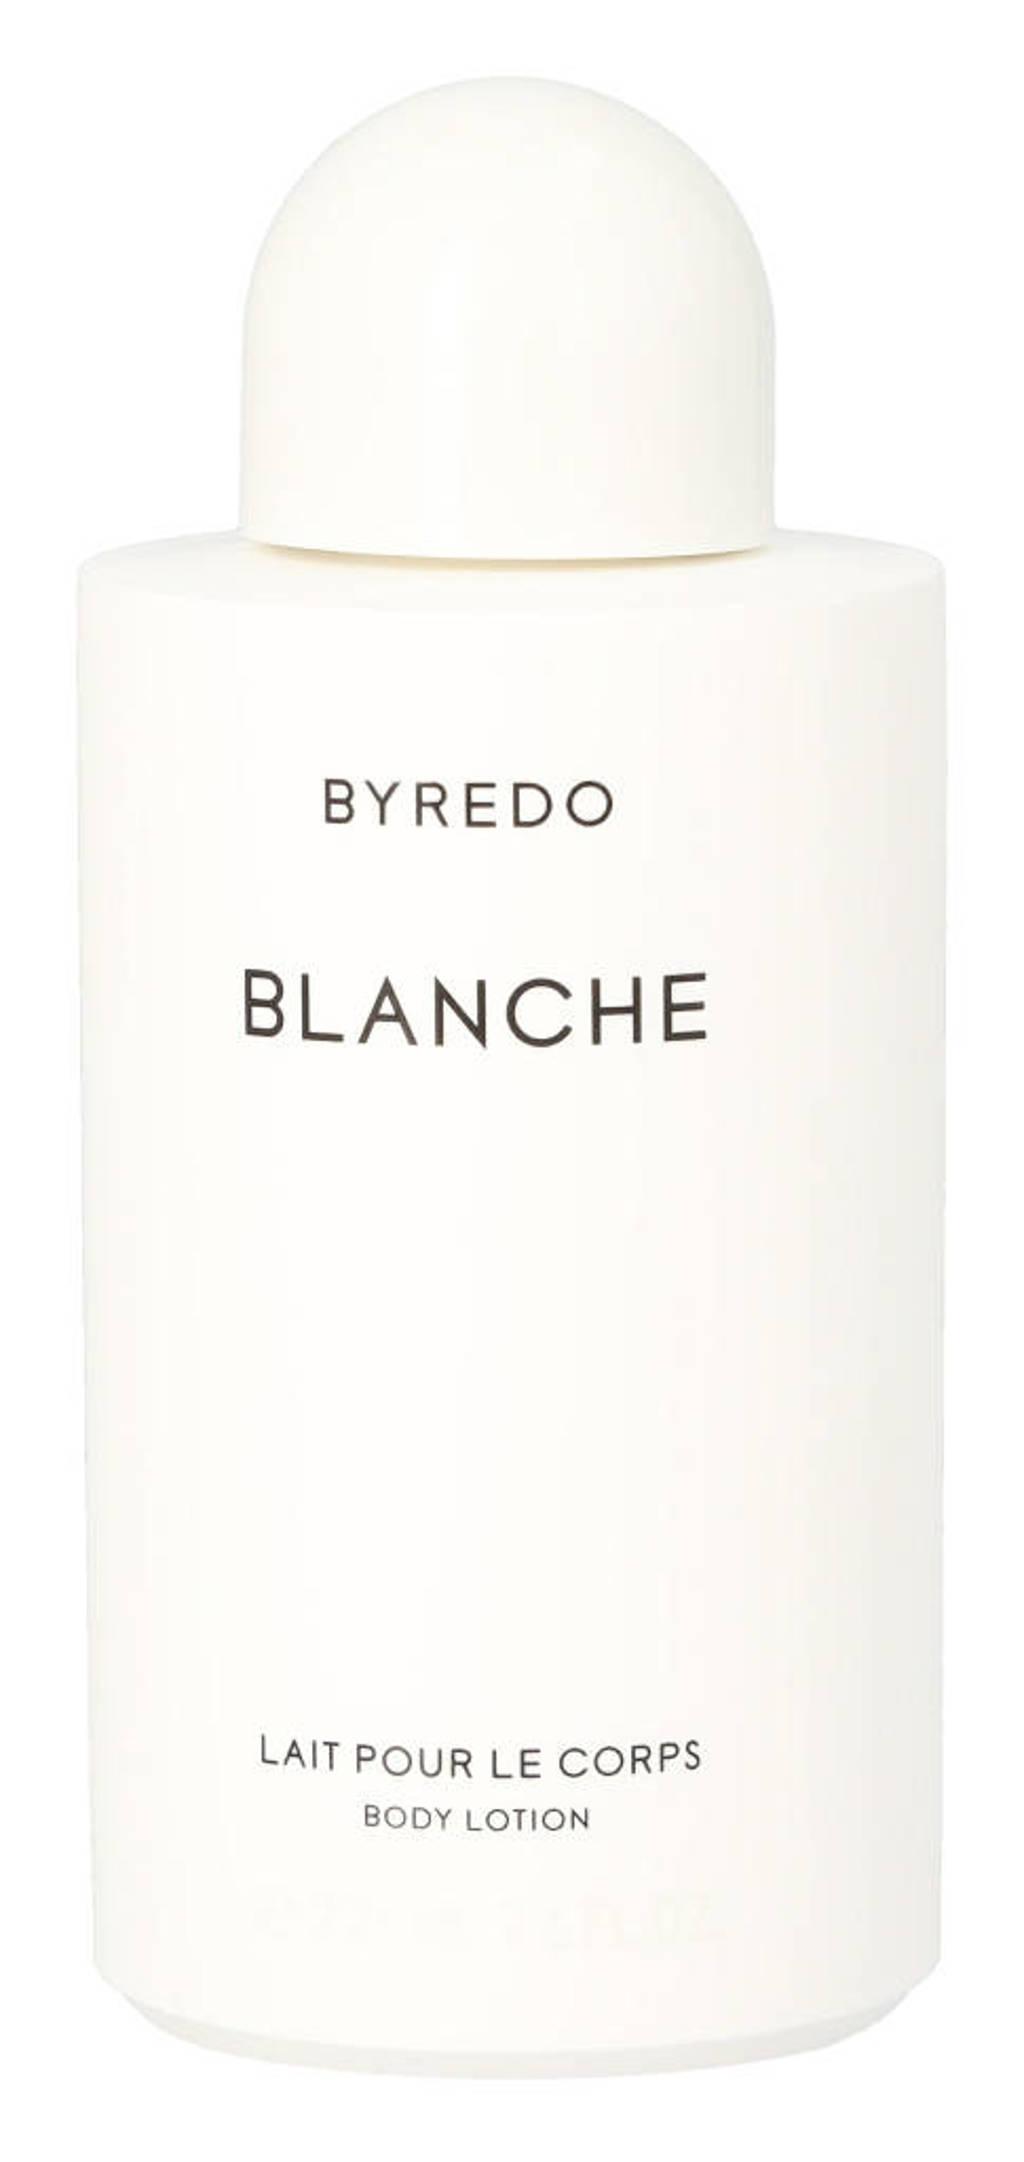 Byredo Blanche bodylotion